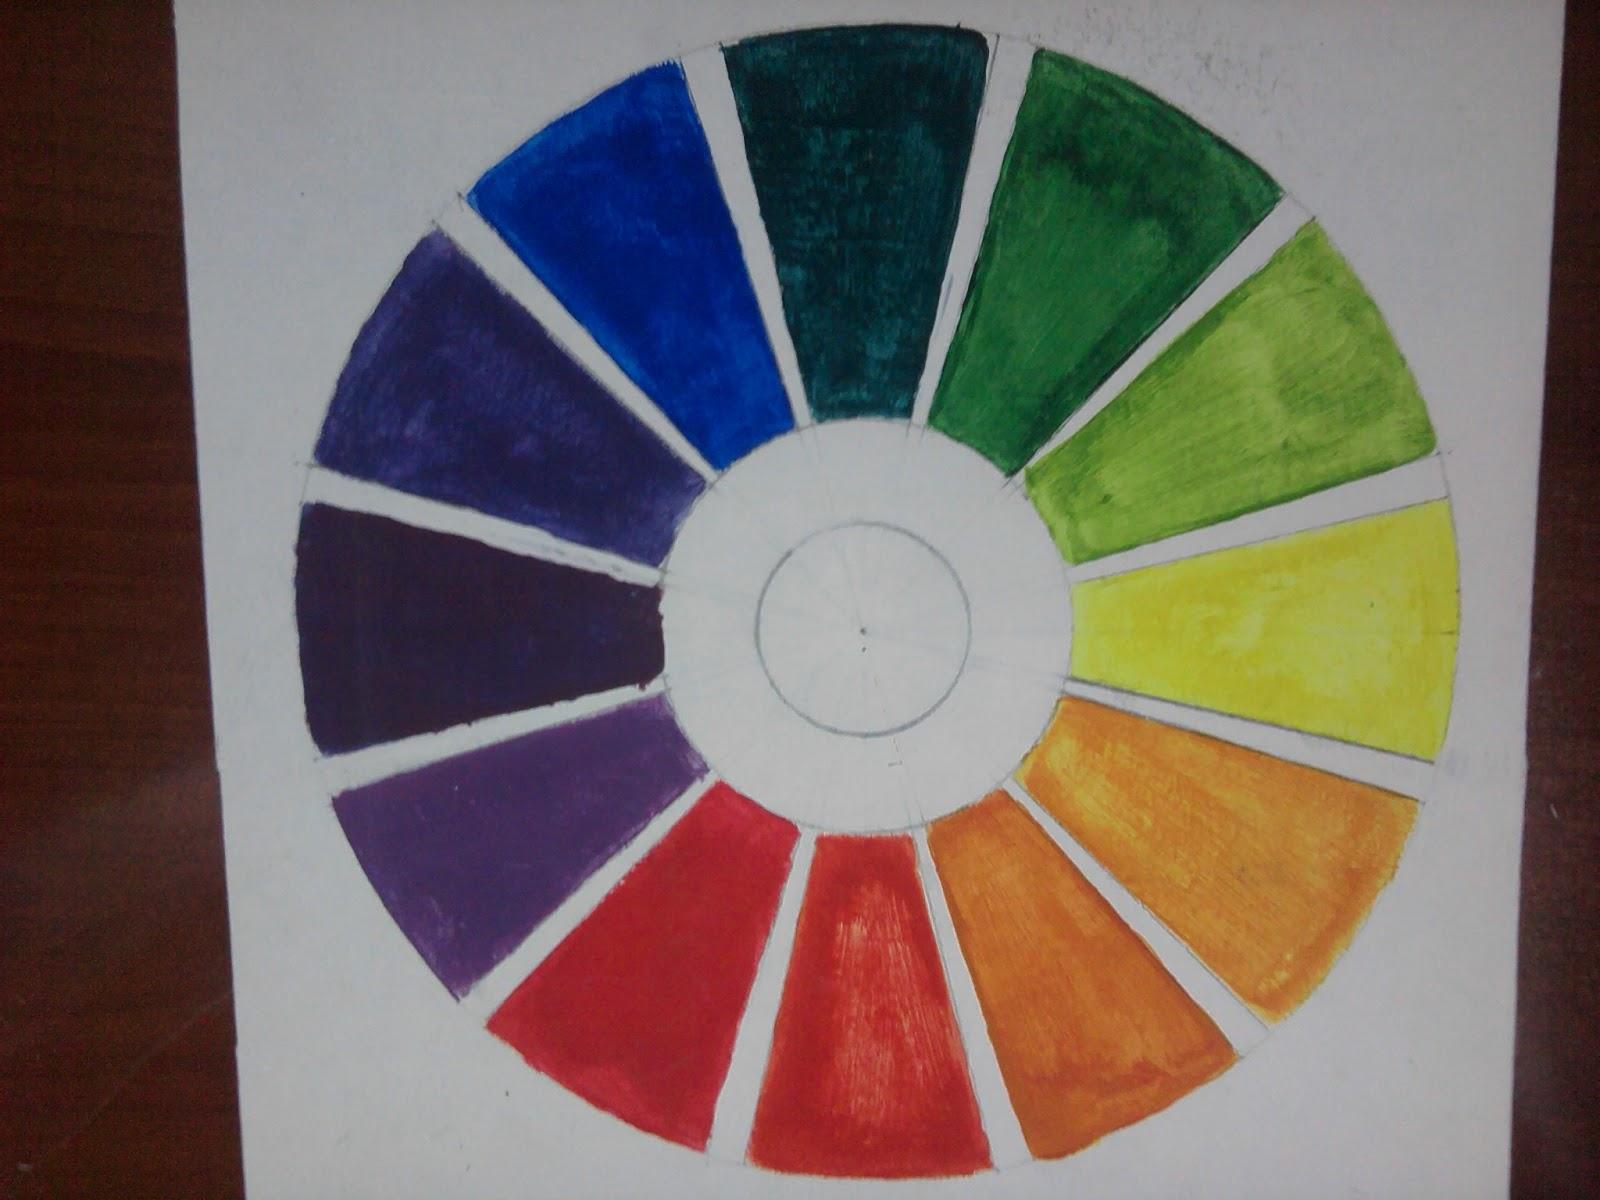 Bitacora color1 circulo crom tico 12 colores - Circulo cromatico 12 colores ...